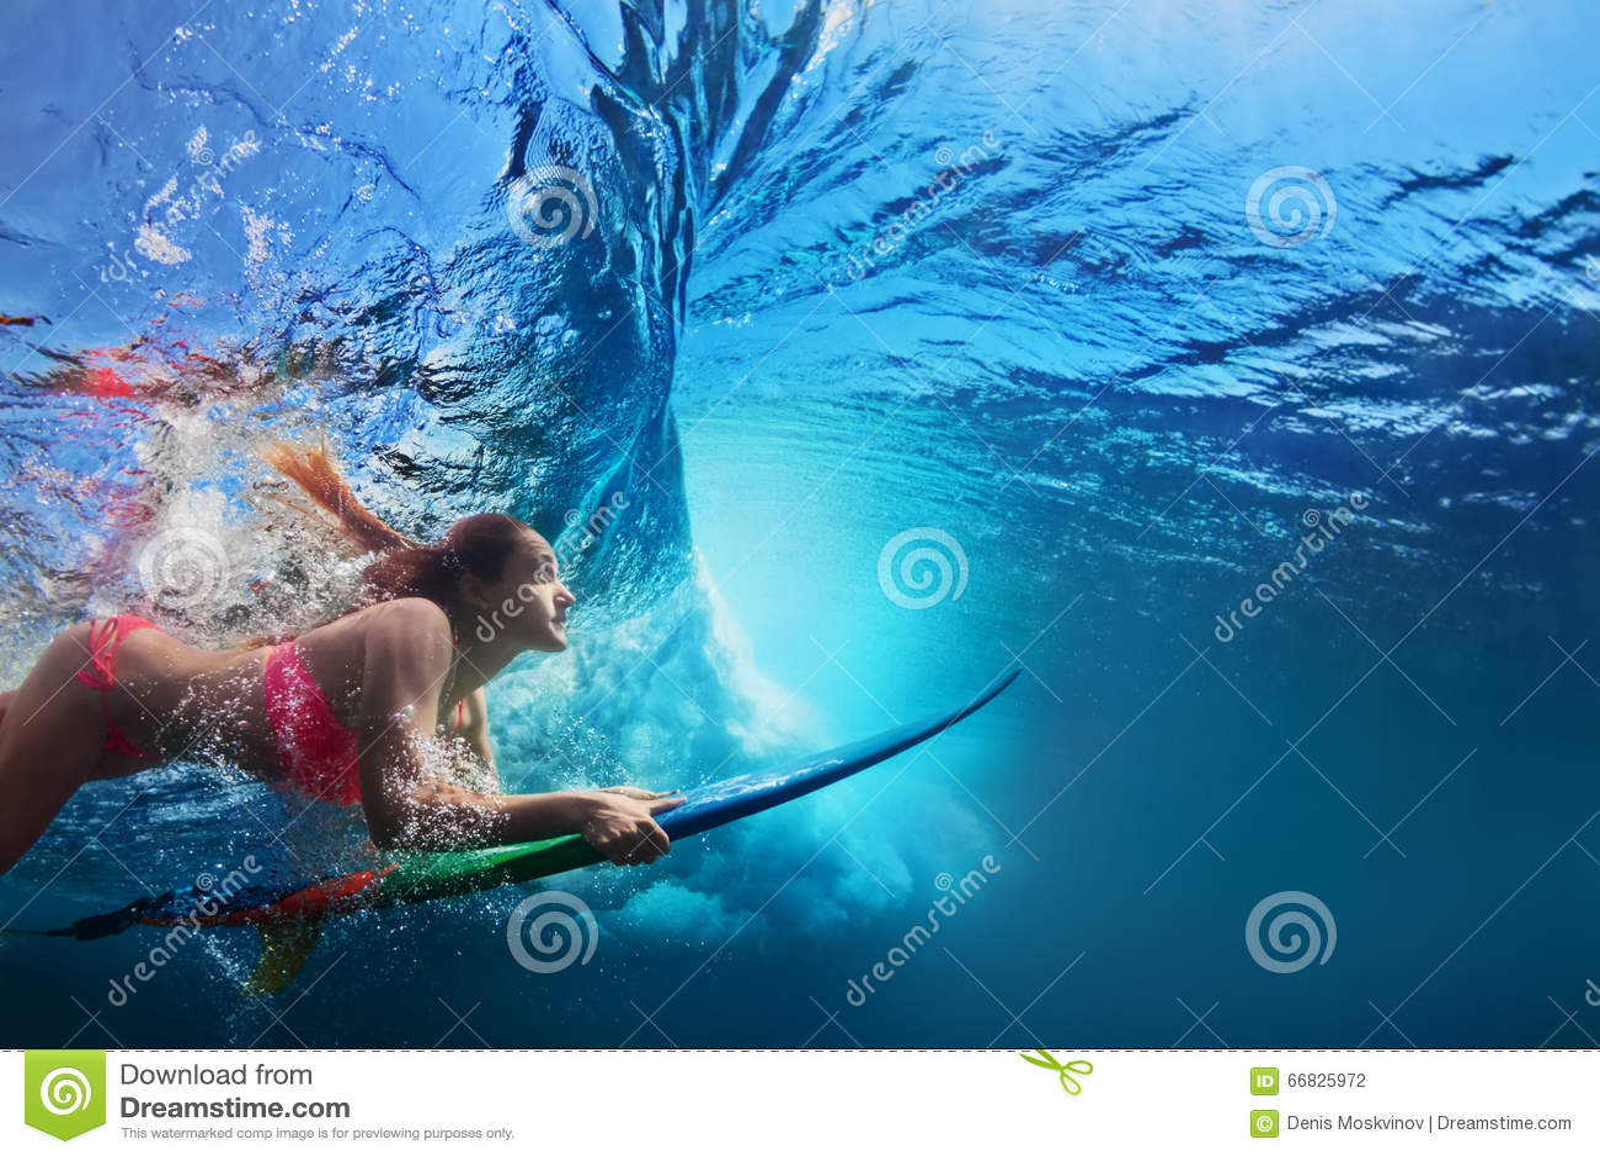 Foto subaquática do mergulho da menina do surfista sob a onda de oceano